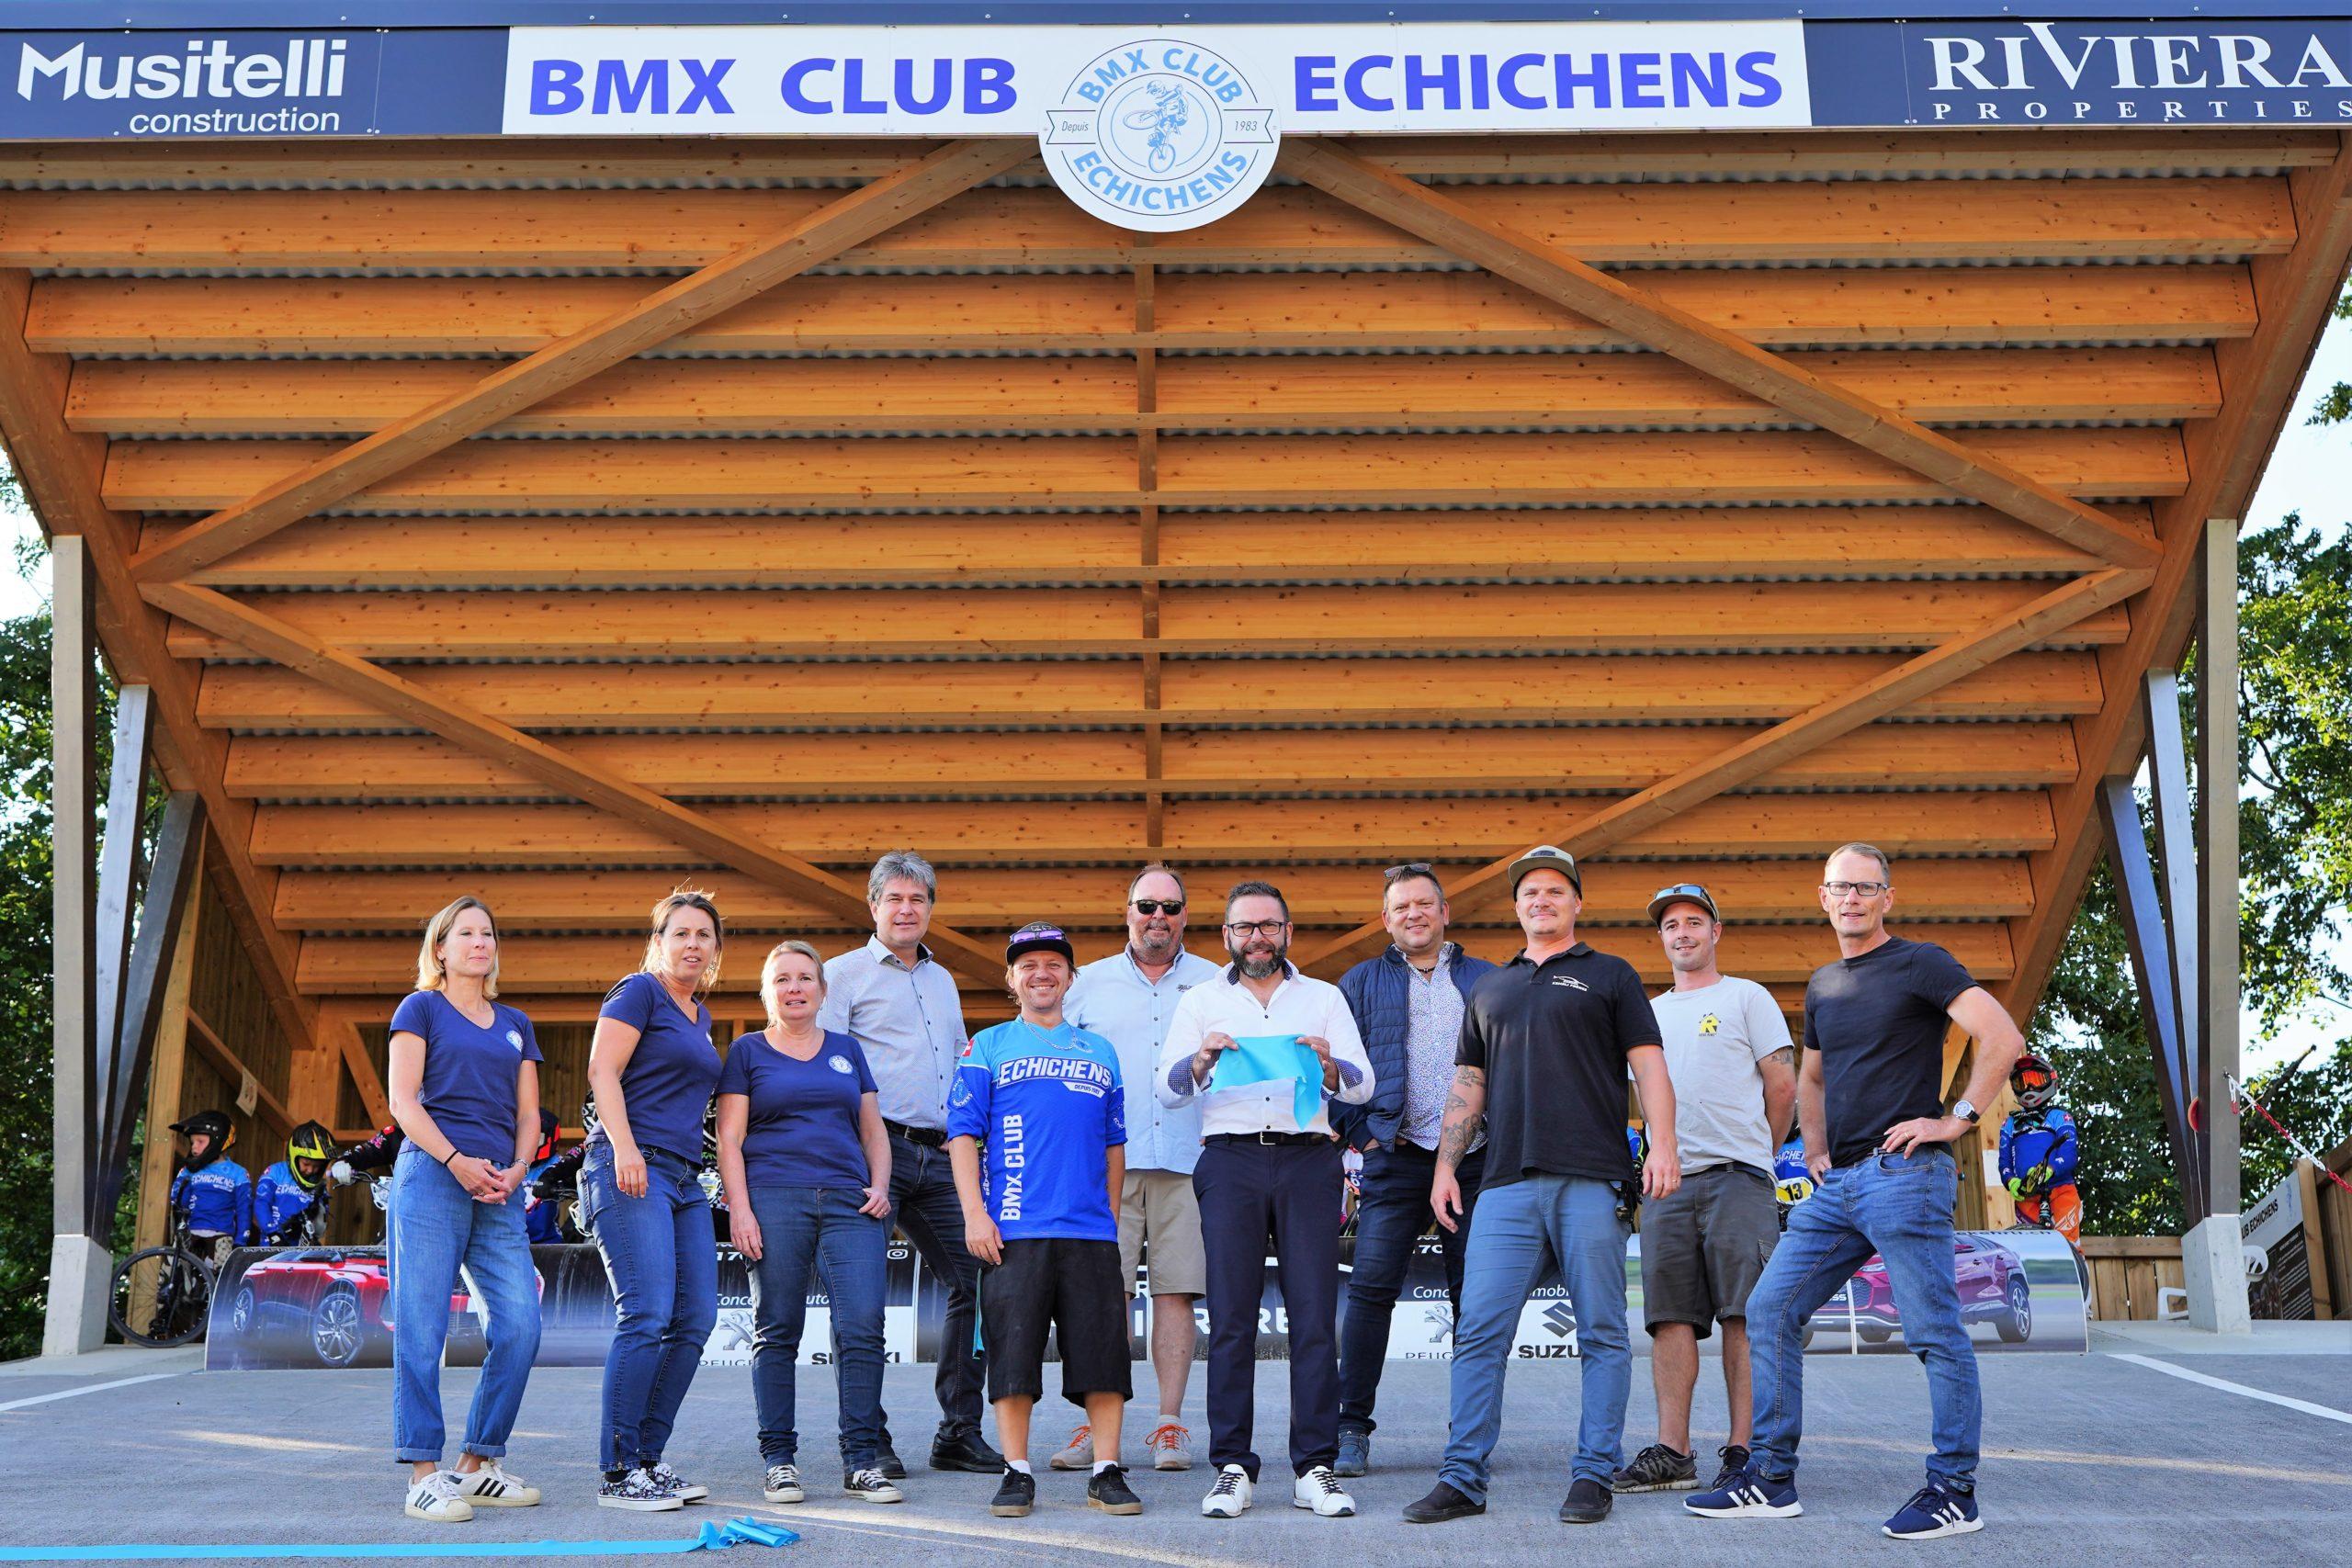 Du nouveau au club de BMX d'Echichens